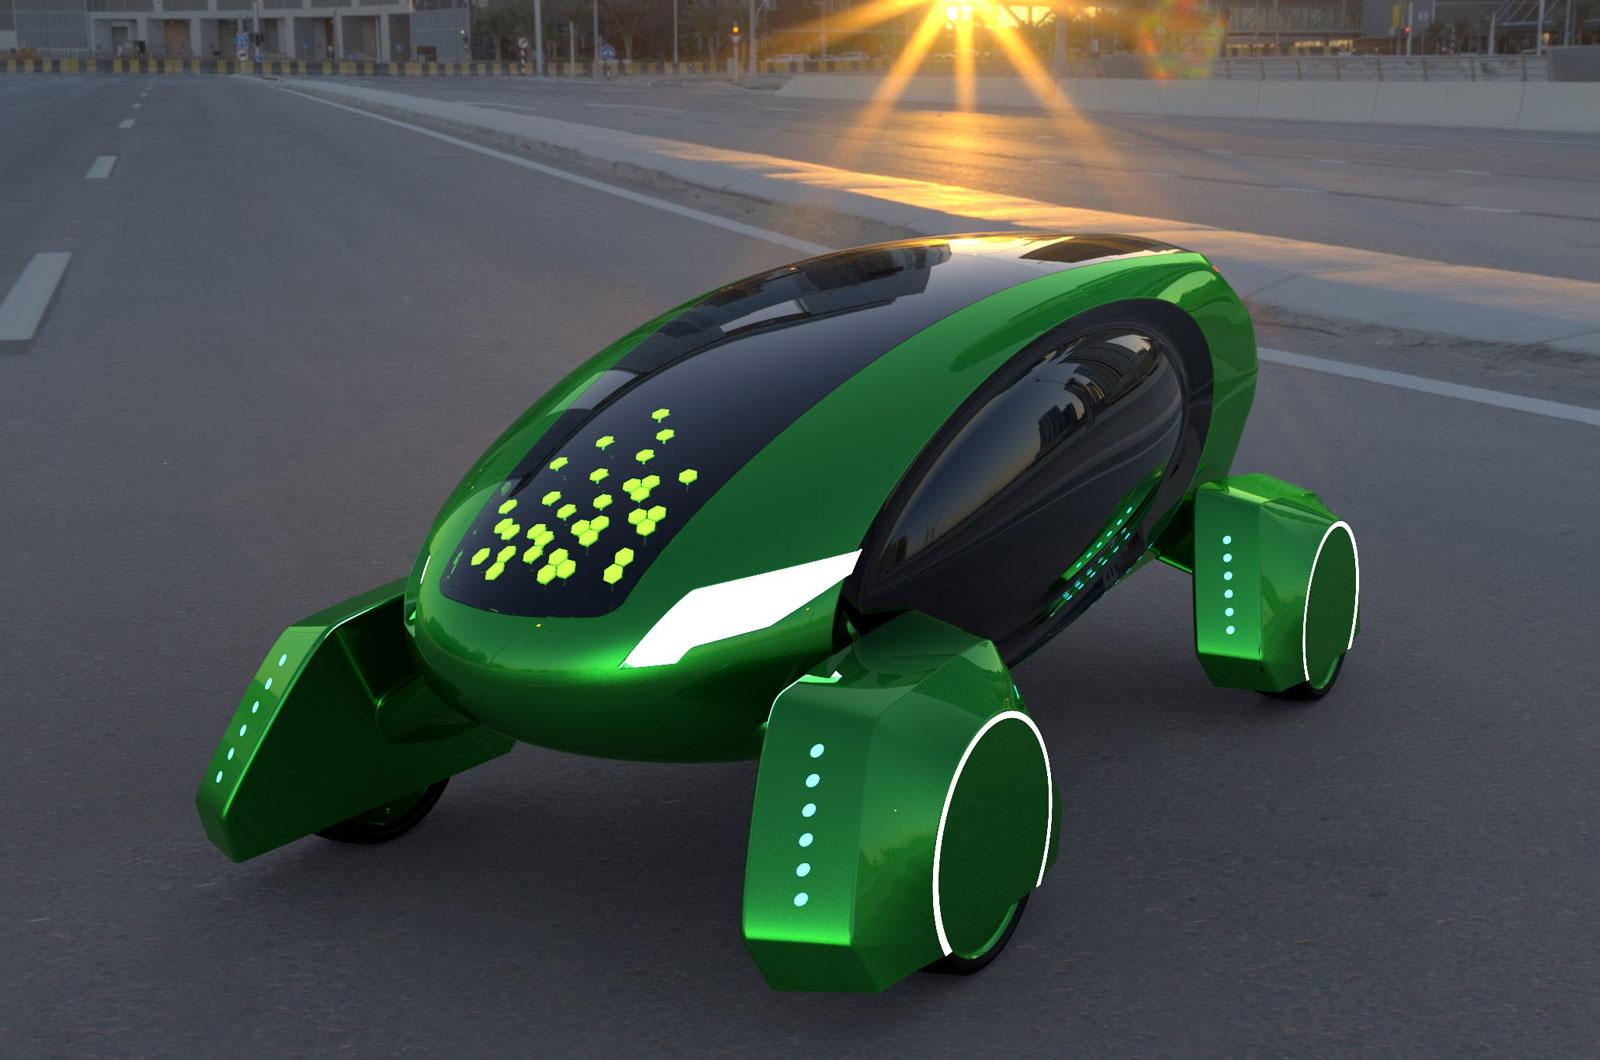 Kargo Şirketleriyle Yaşanan Problemleri Ortadan Kaldıracak Çözüm: Otonom Kargo Robotu